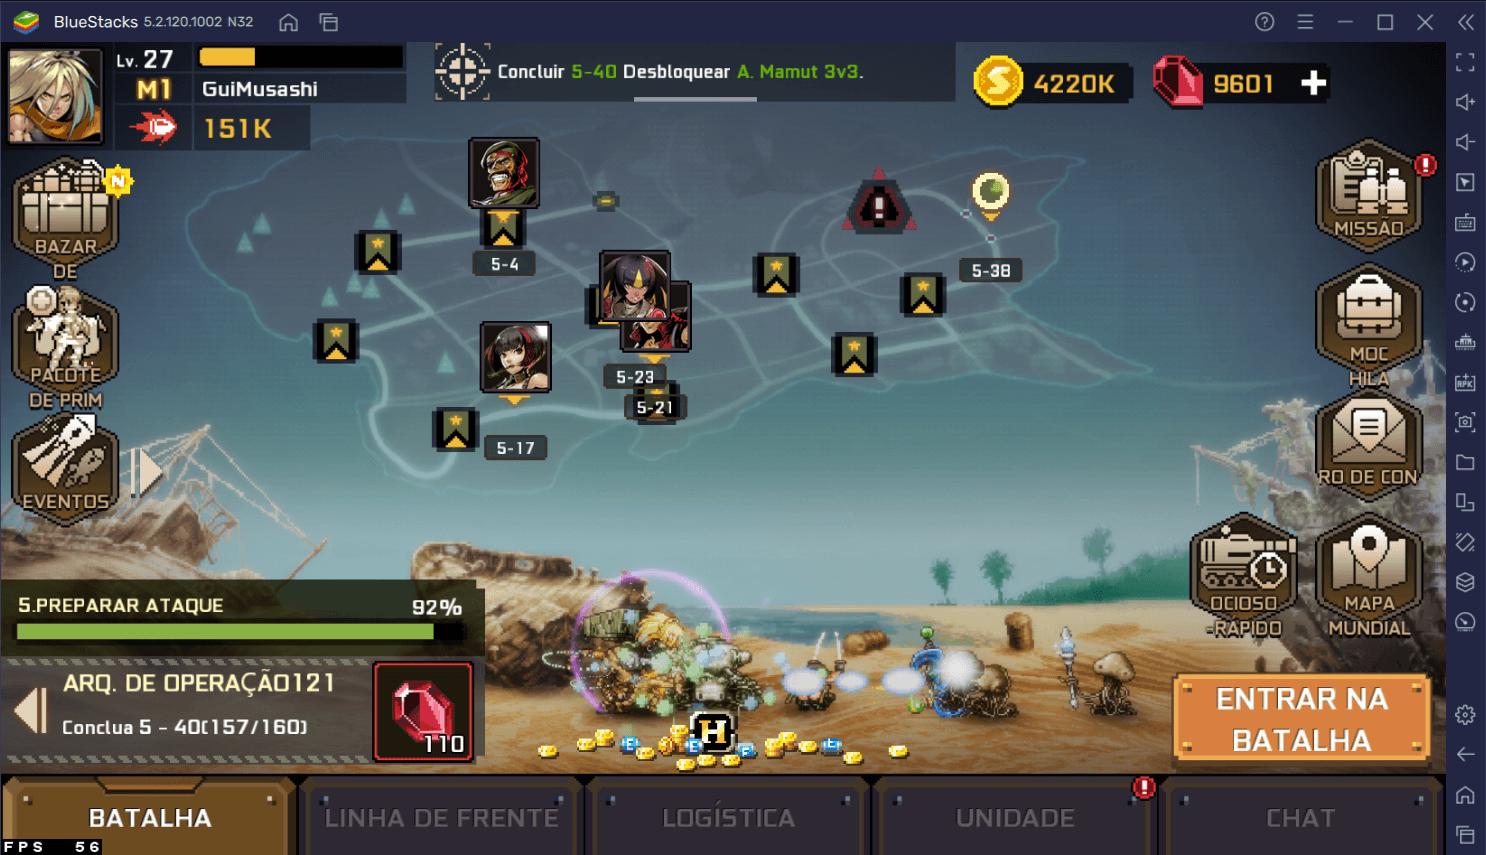 Os melhores personagens de Metal Slug: Commander – As unidades mais fortes do jogo